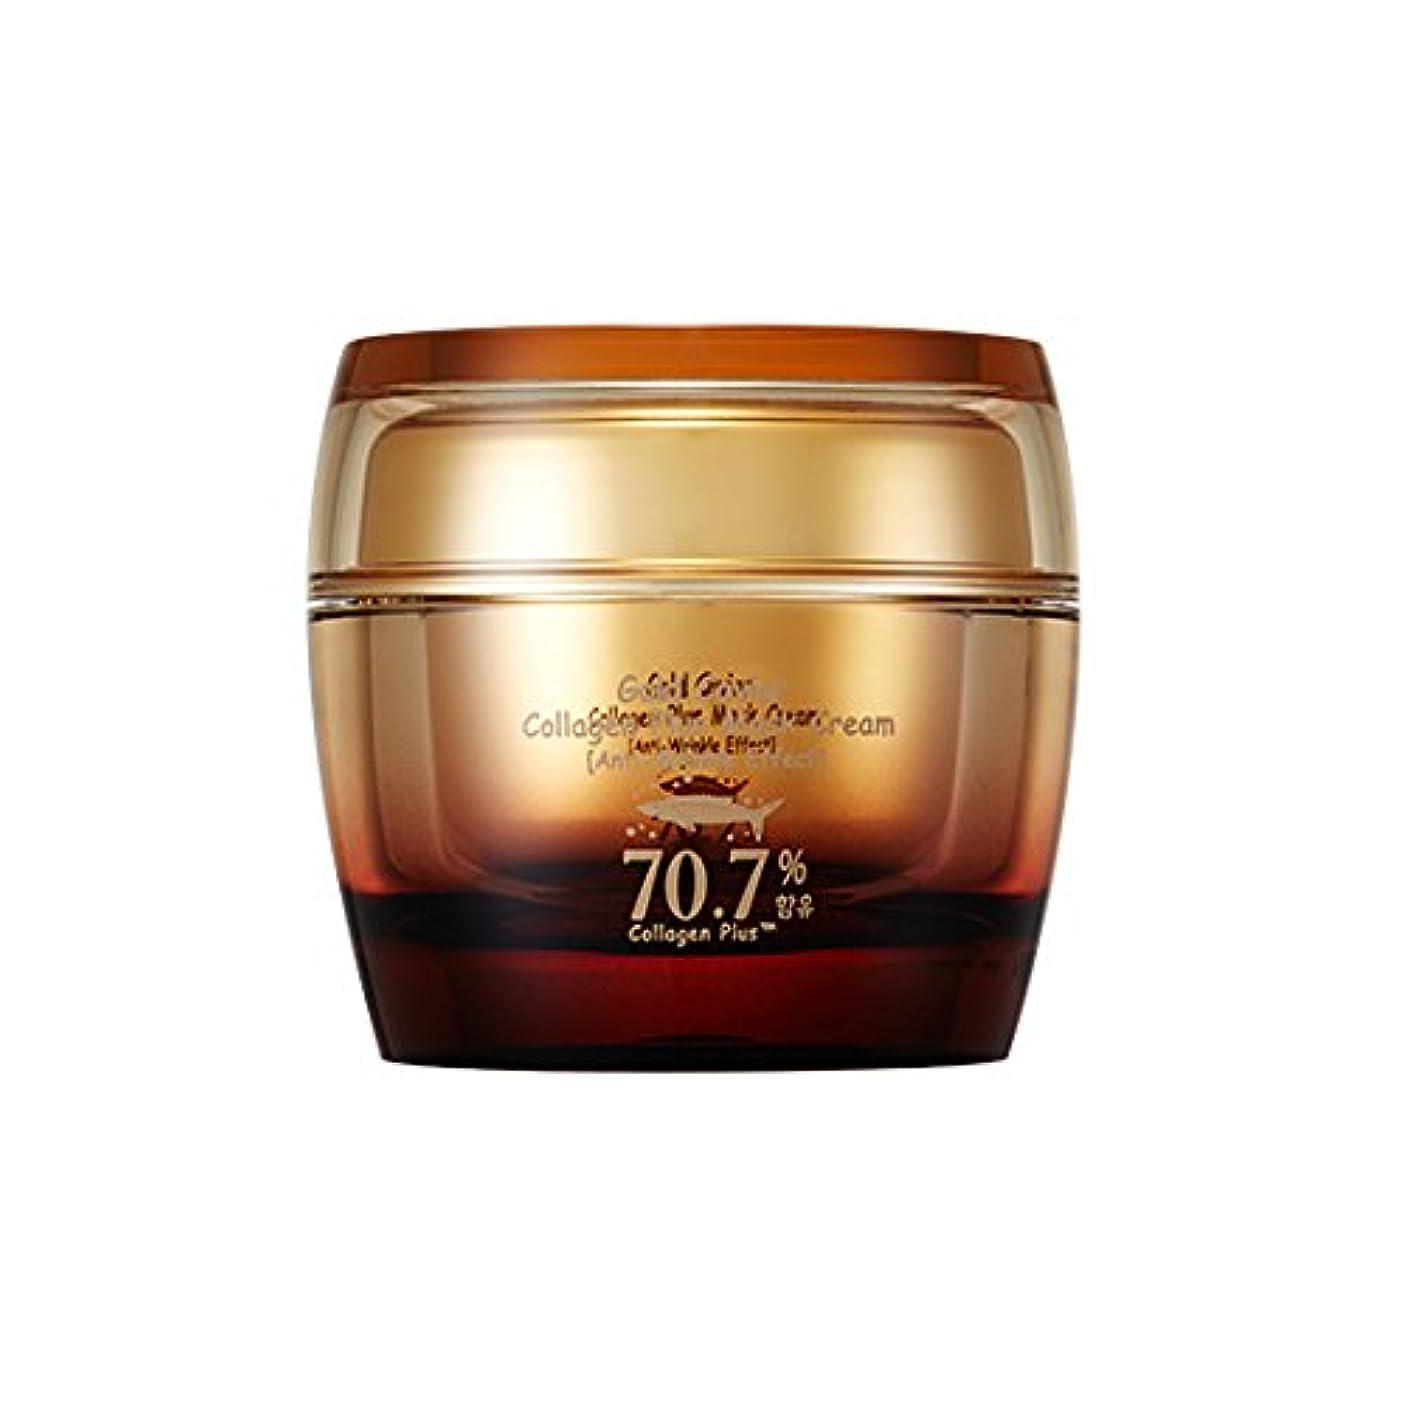 予見する説明的好ましいSkinfood ゴールドキャビアコラーゲンプラスクリーム(しわ防止効果) / Gold Caviar Collagen Plus Cream (Anti-Wrinkle Effect) 50g [並行輸入品]